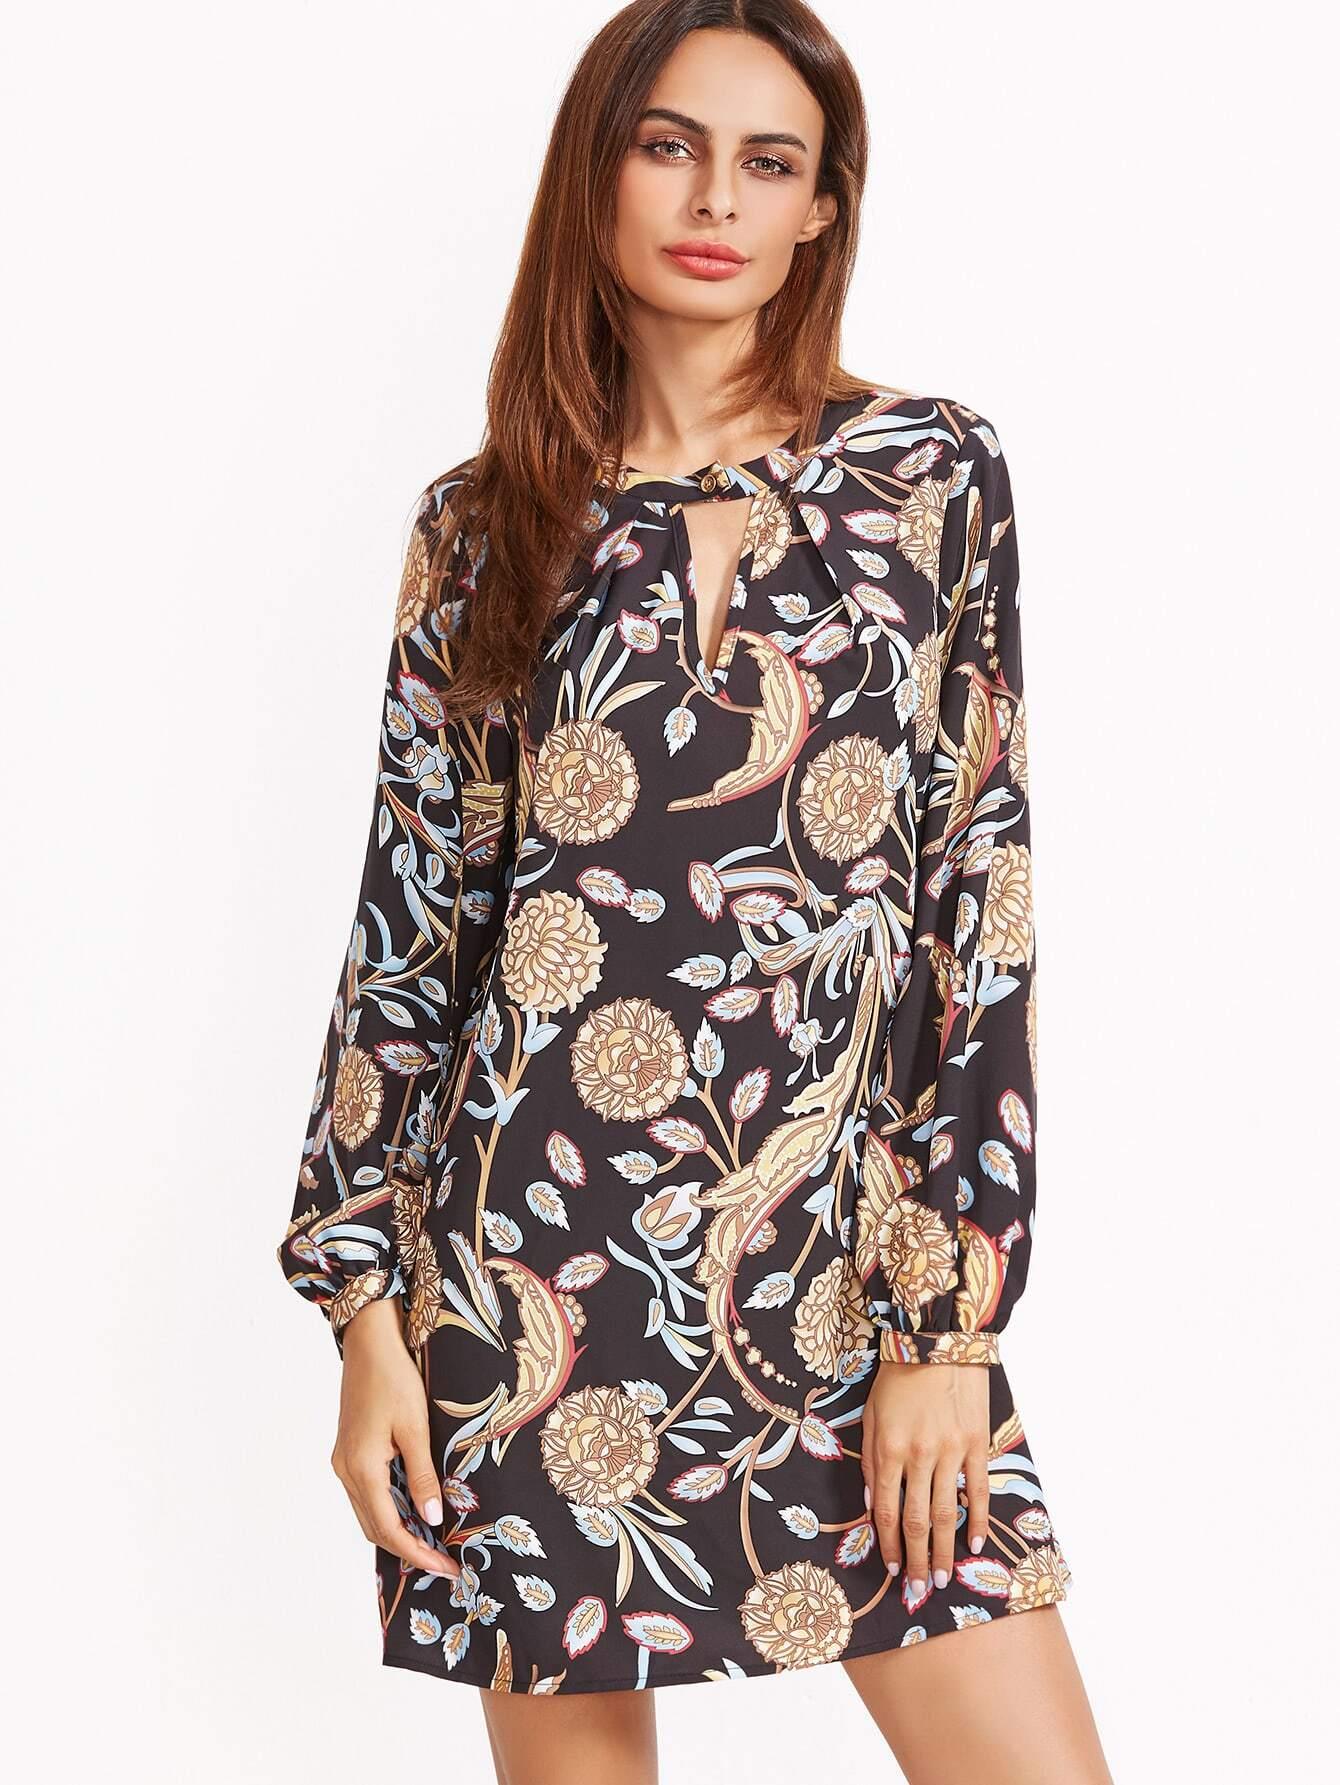 dress161115704_2